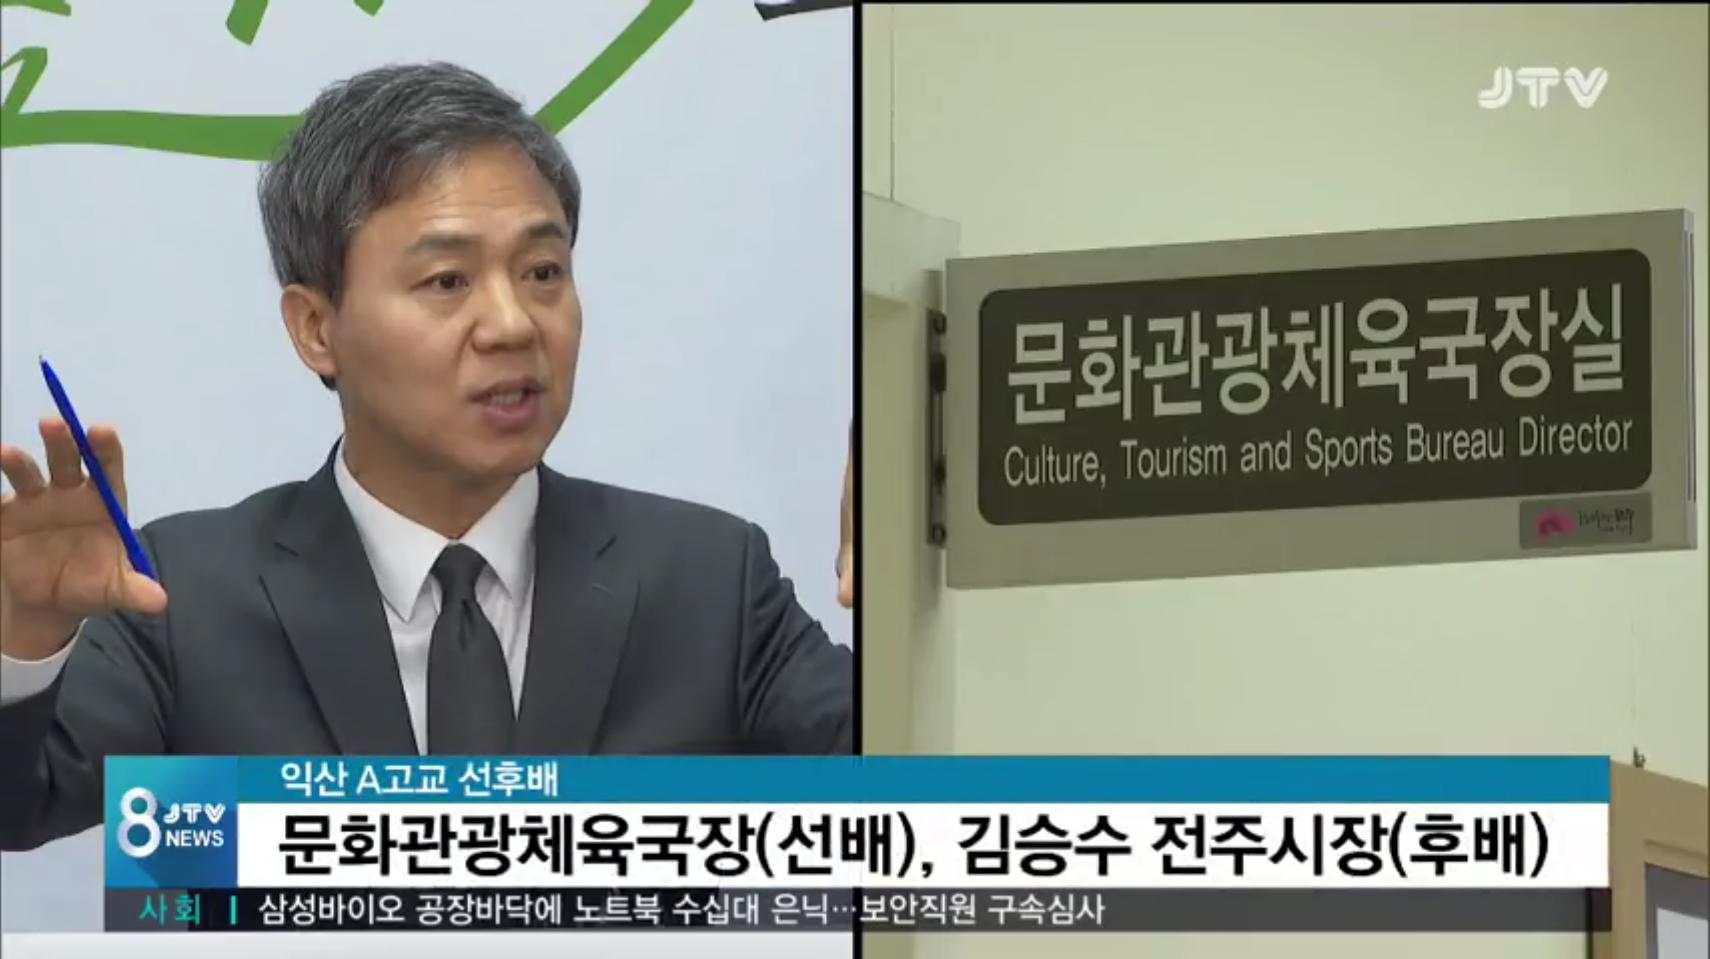 [19.5.7 JTV] 김승수 전주시장 고교선배 4급 특별승진8.png